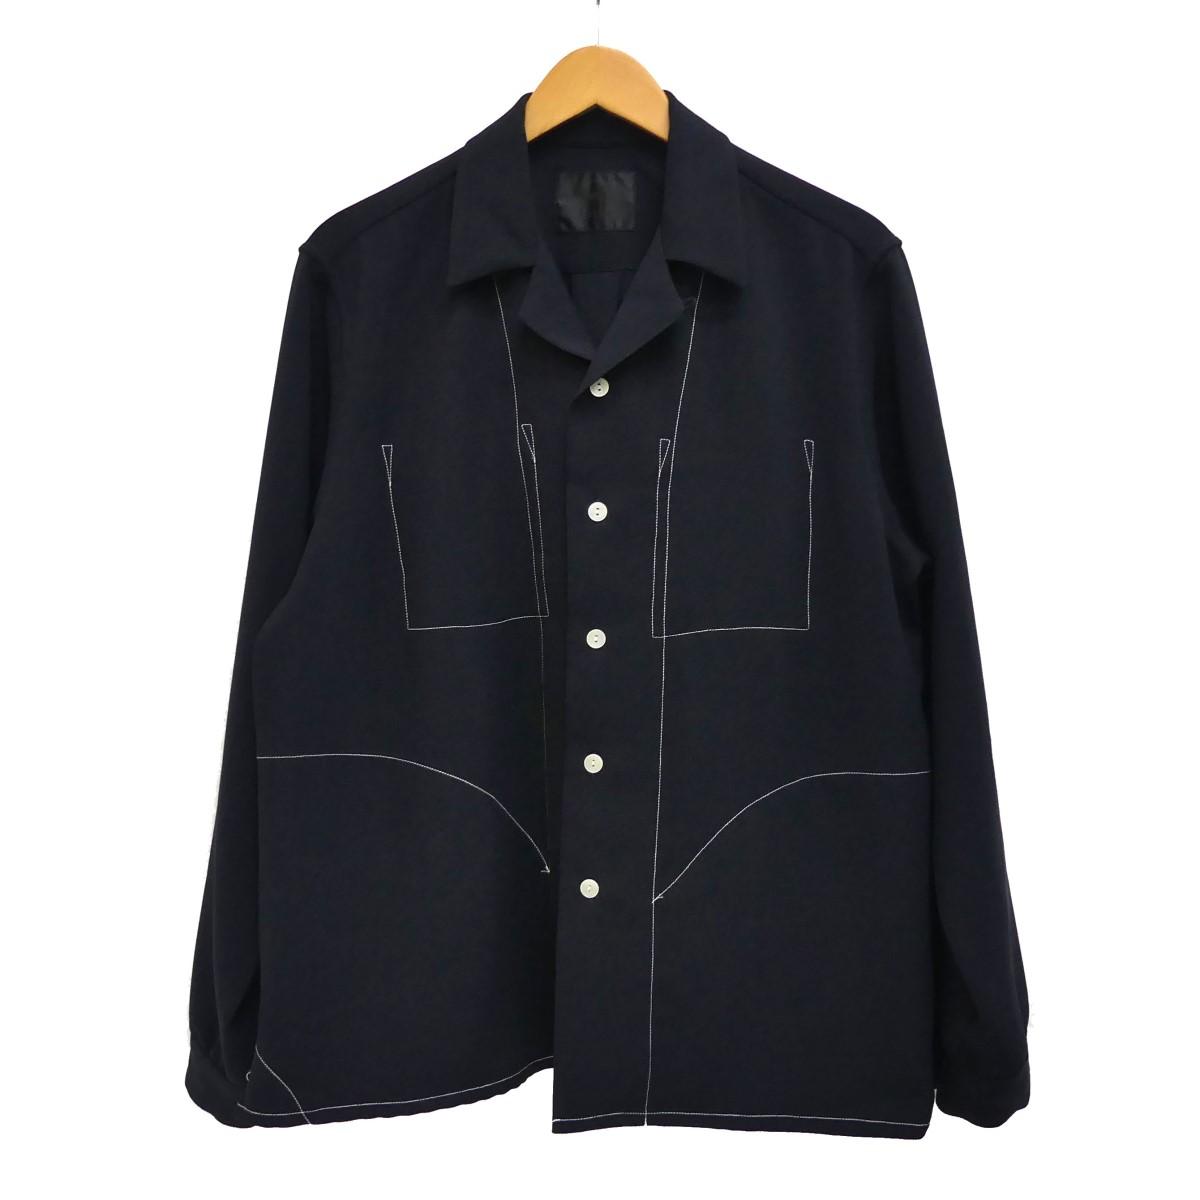 【中古】bukht NEW OPEN COLLAR SHIRT オープンカラーシャツ ネイビー サイズ:2 【080420】(ブフト)